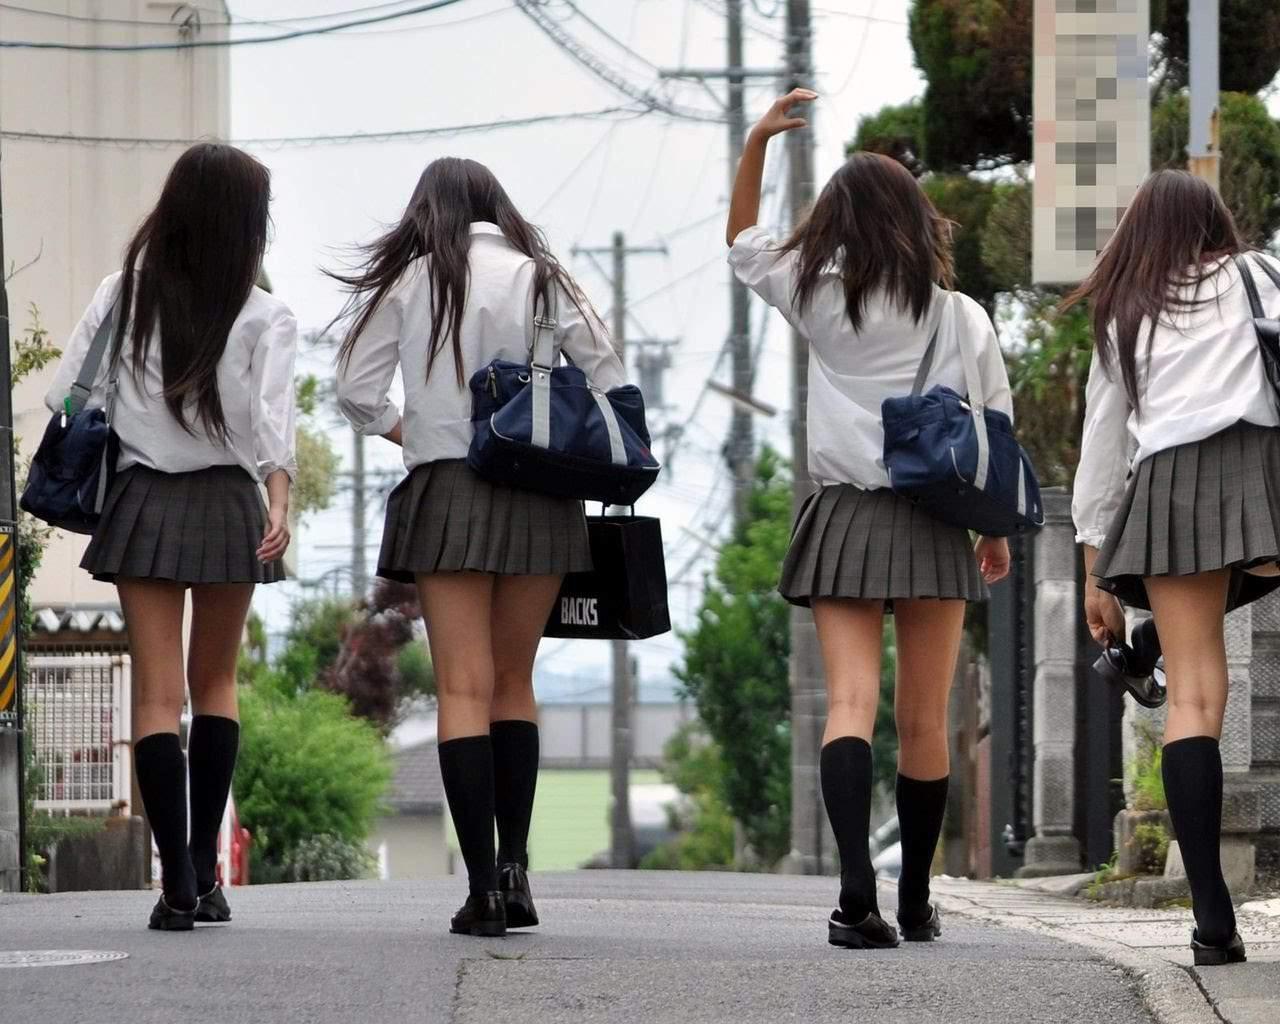 もちもちした女子高生の太もも画像をくださいwwwwwww MWOiuKN